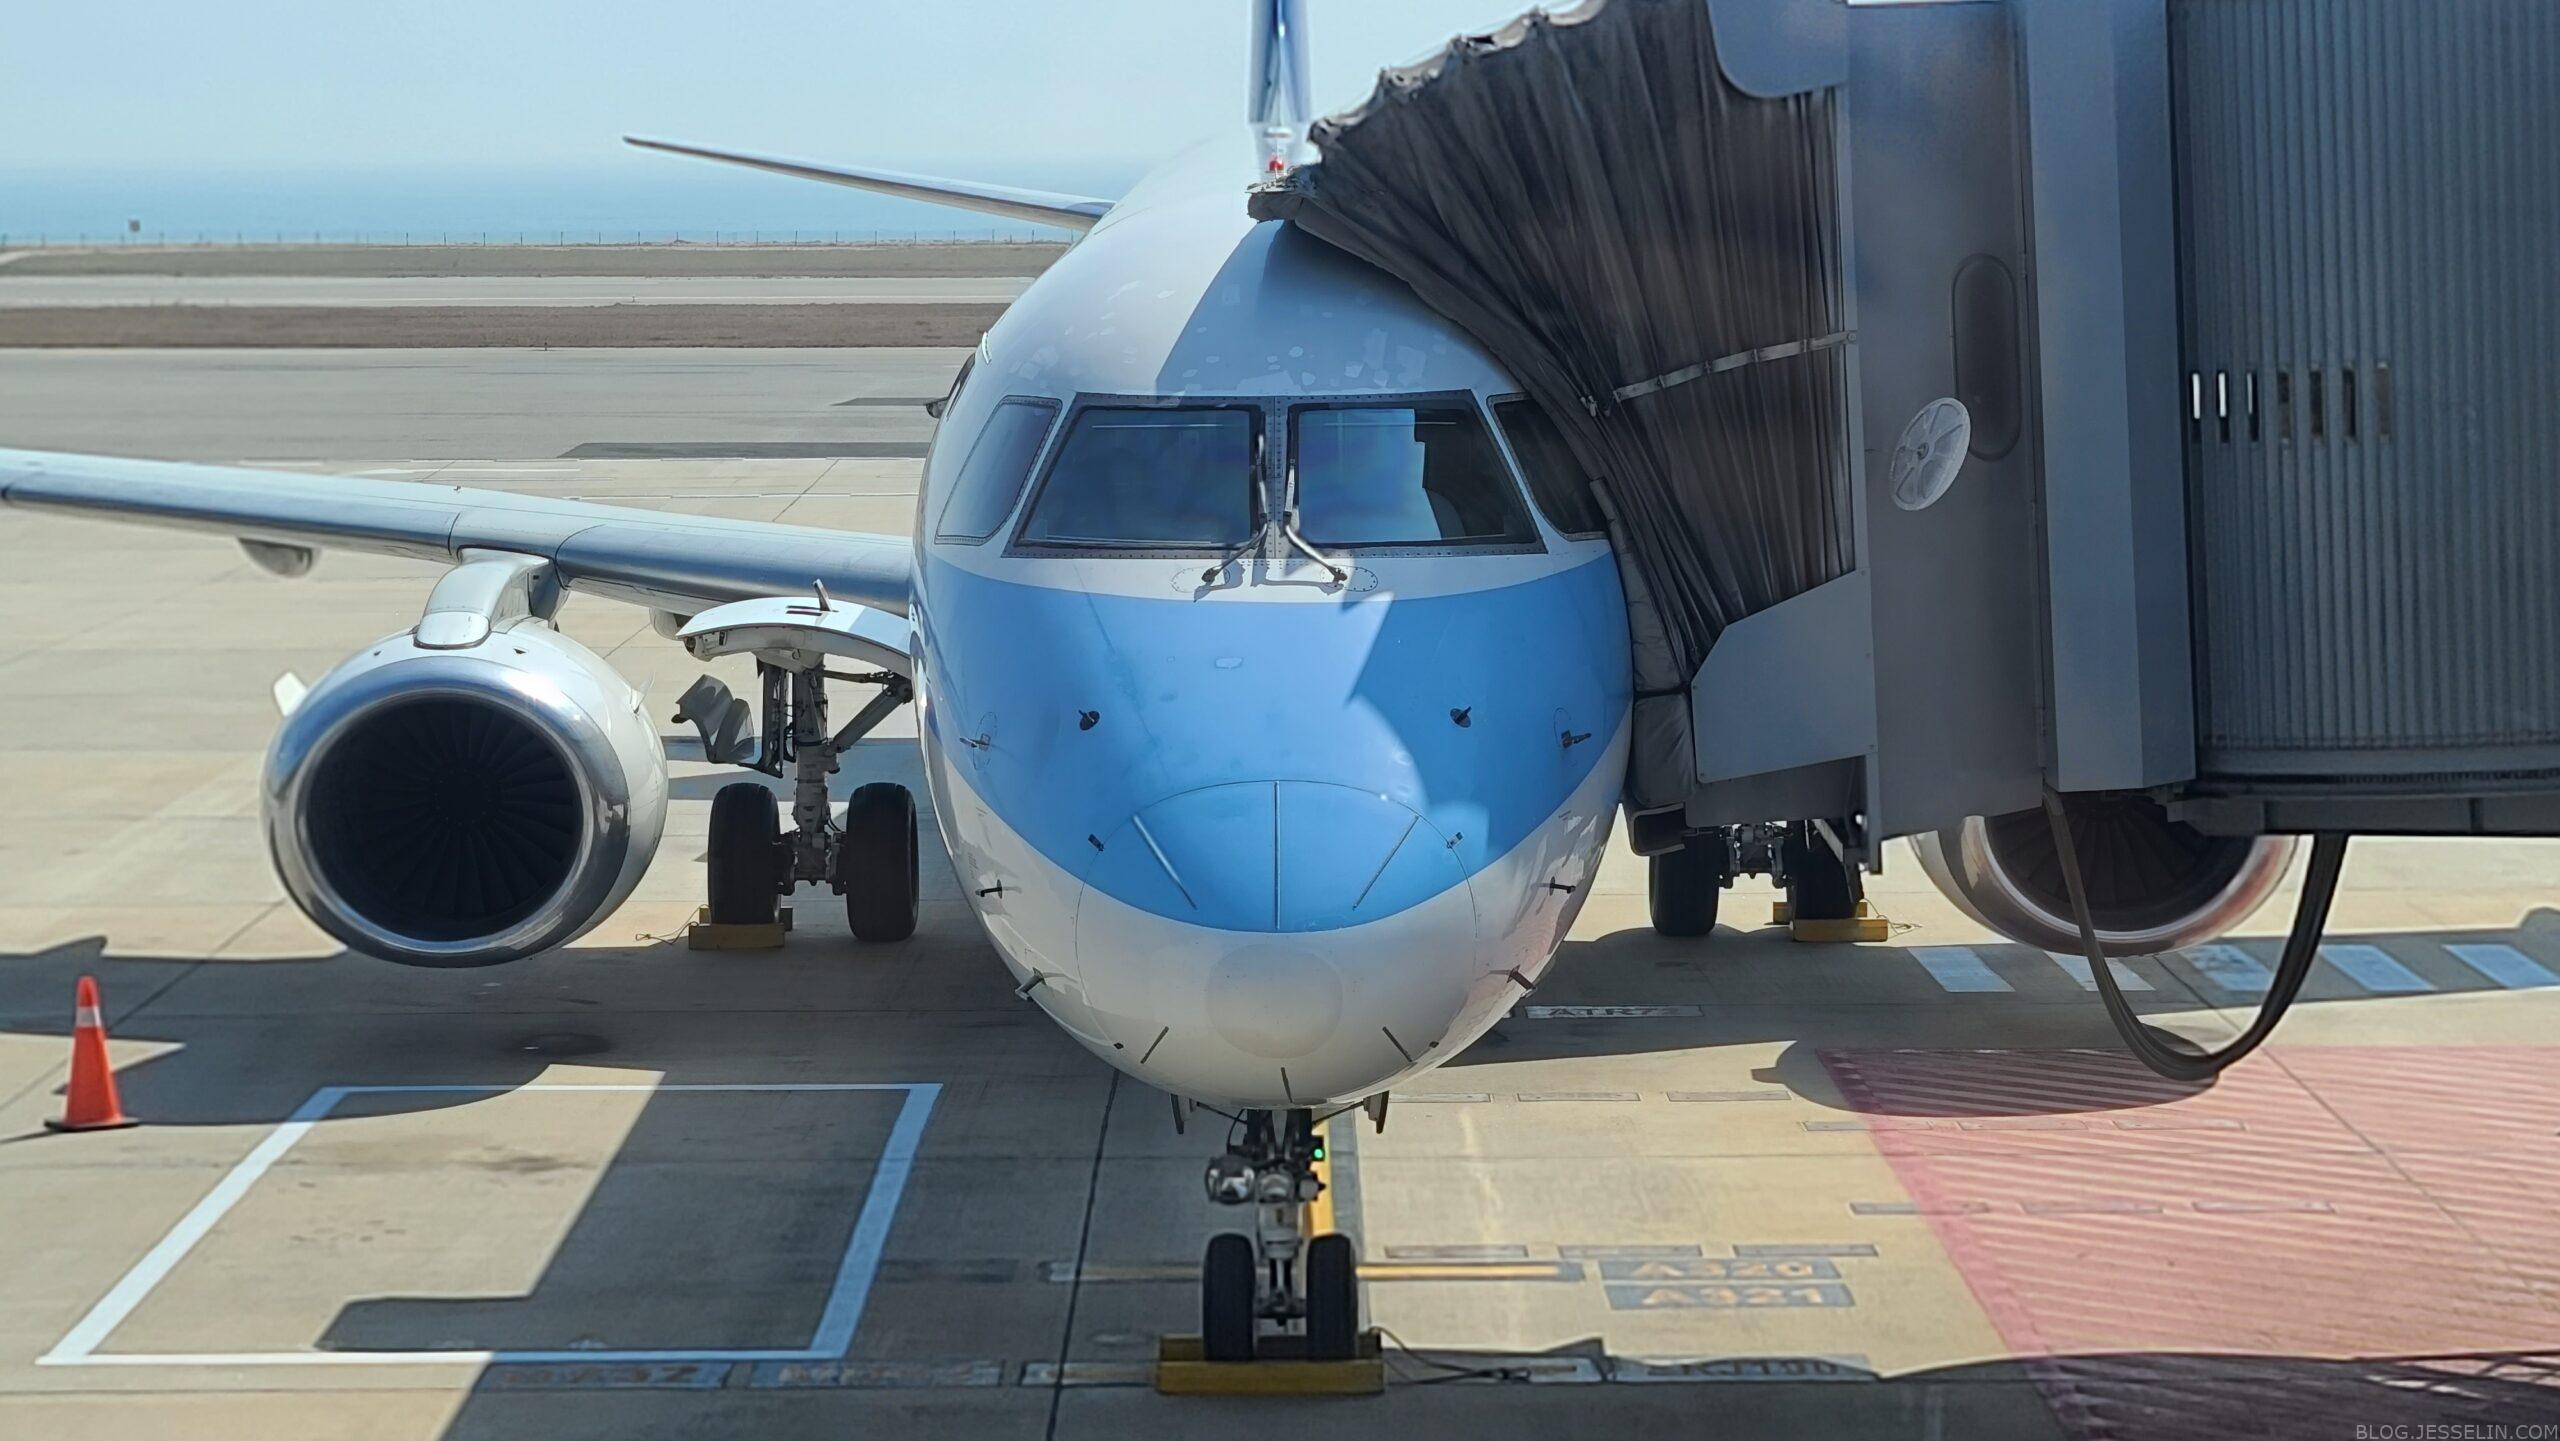 華信環台飛行 Day 6 飛行 台中飛金門 ATR72-600